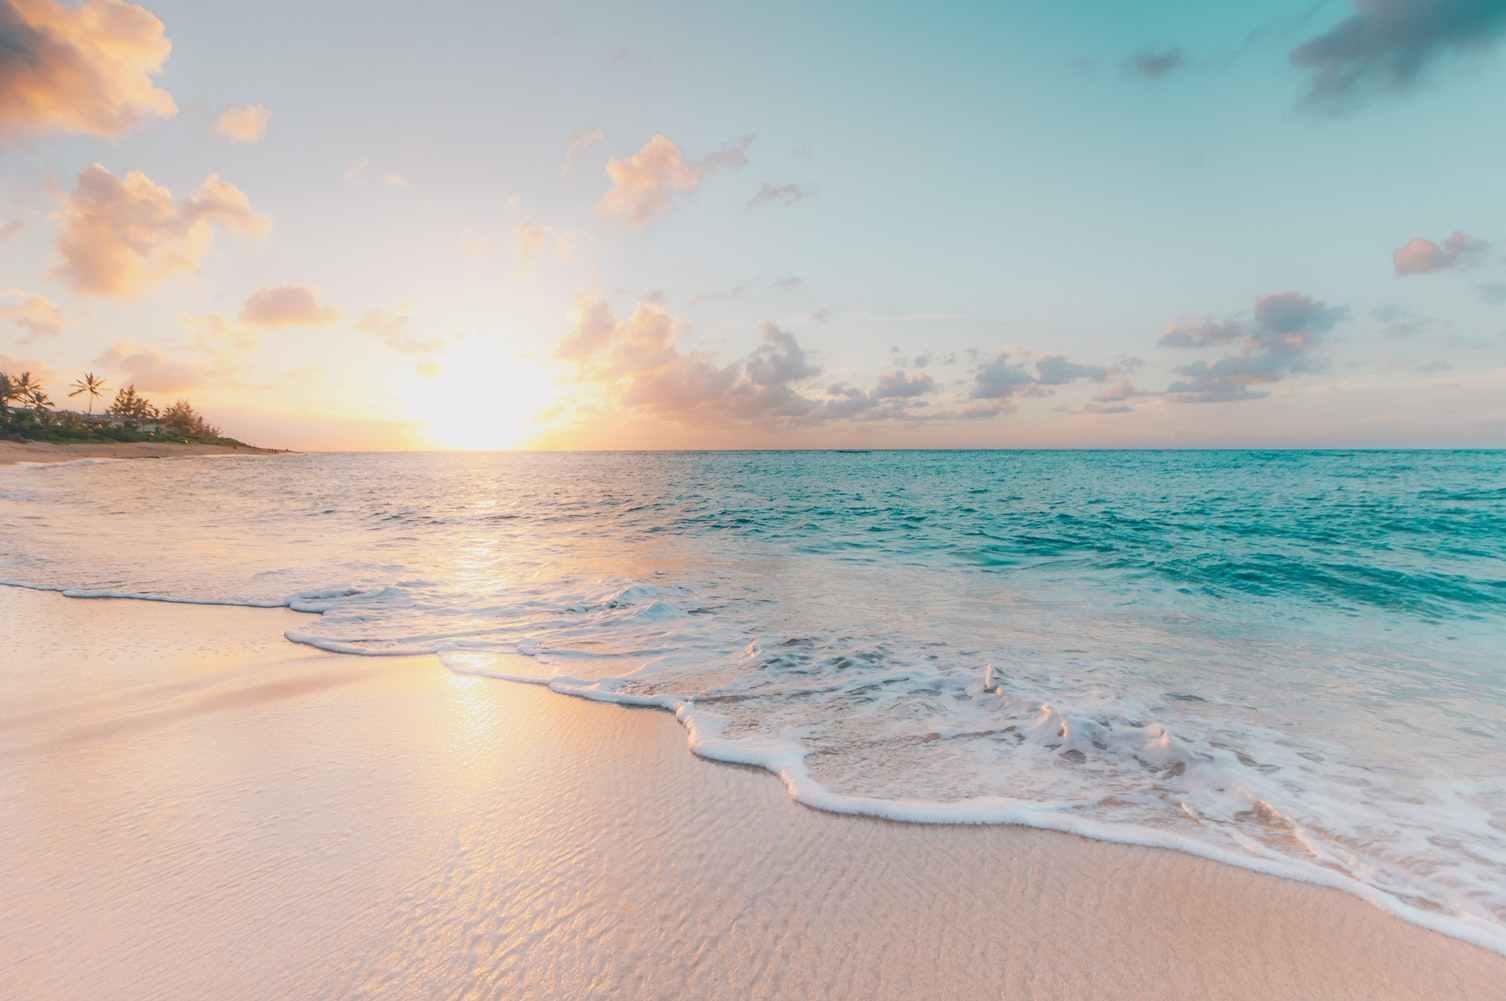 Mengenal zona laut Indonesia